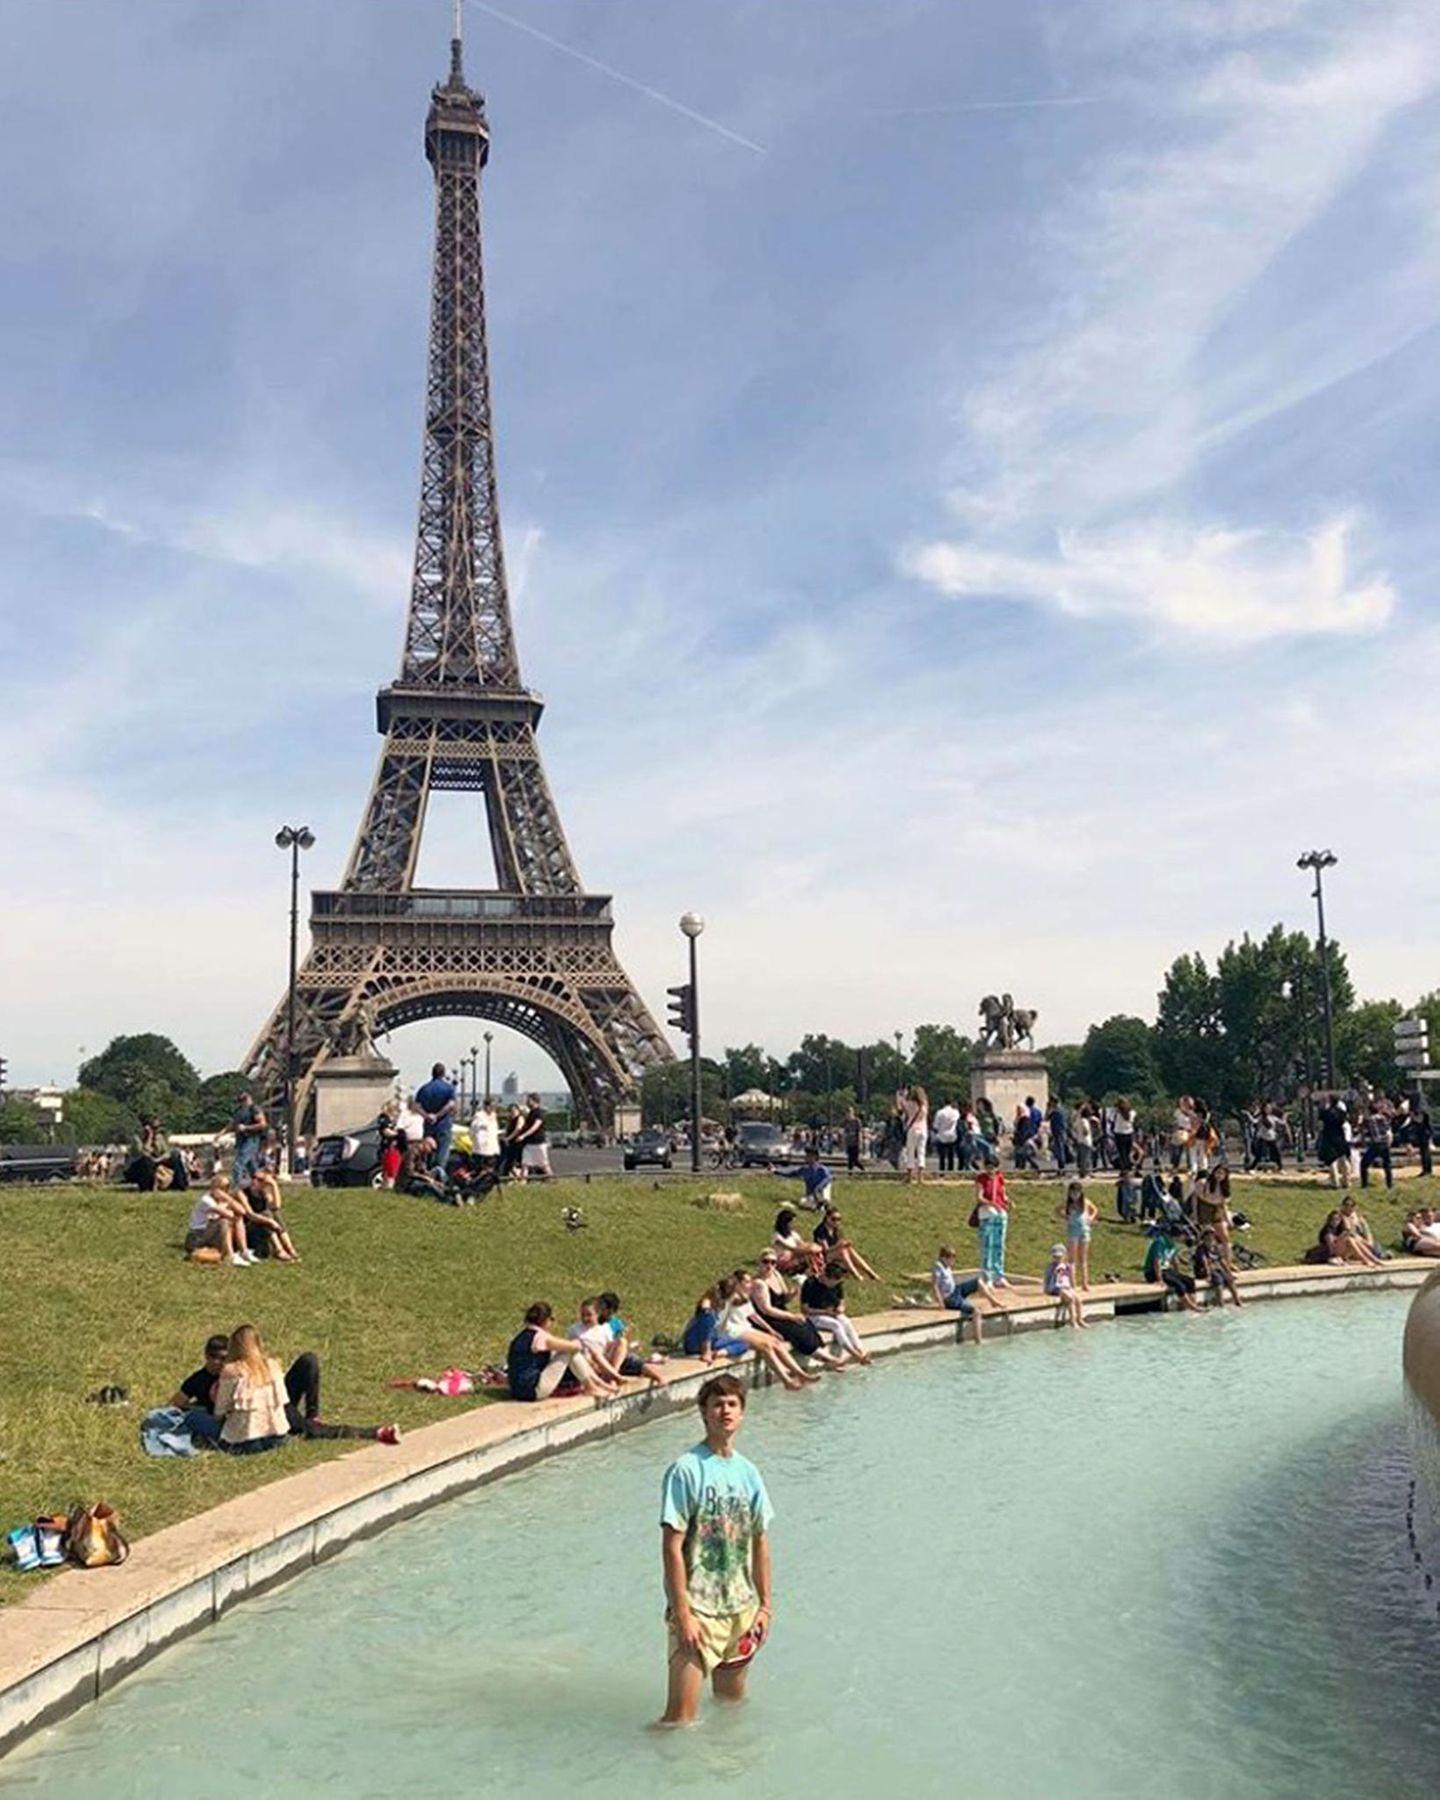 Ansel Elgort fühlt sich zwischen den ganzenPärchen unterm Eiffelturm etwas komisch und kühlt sich kurzerhand im Brunnen ab.